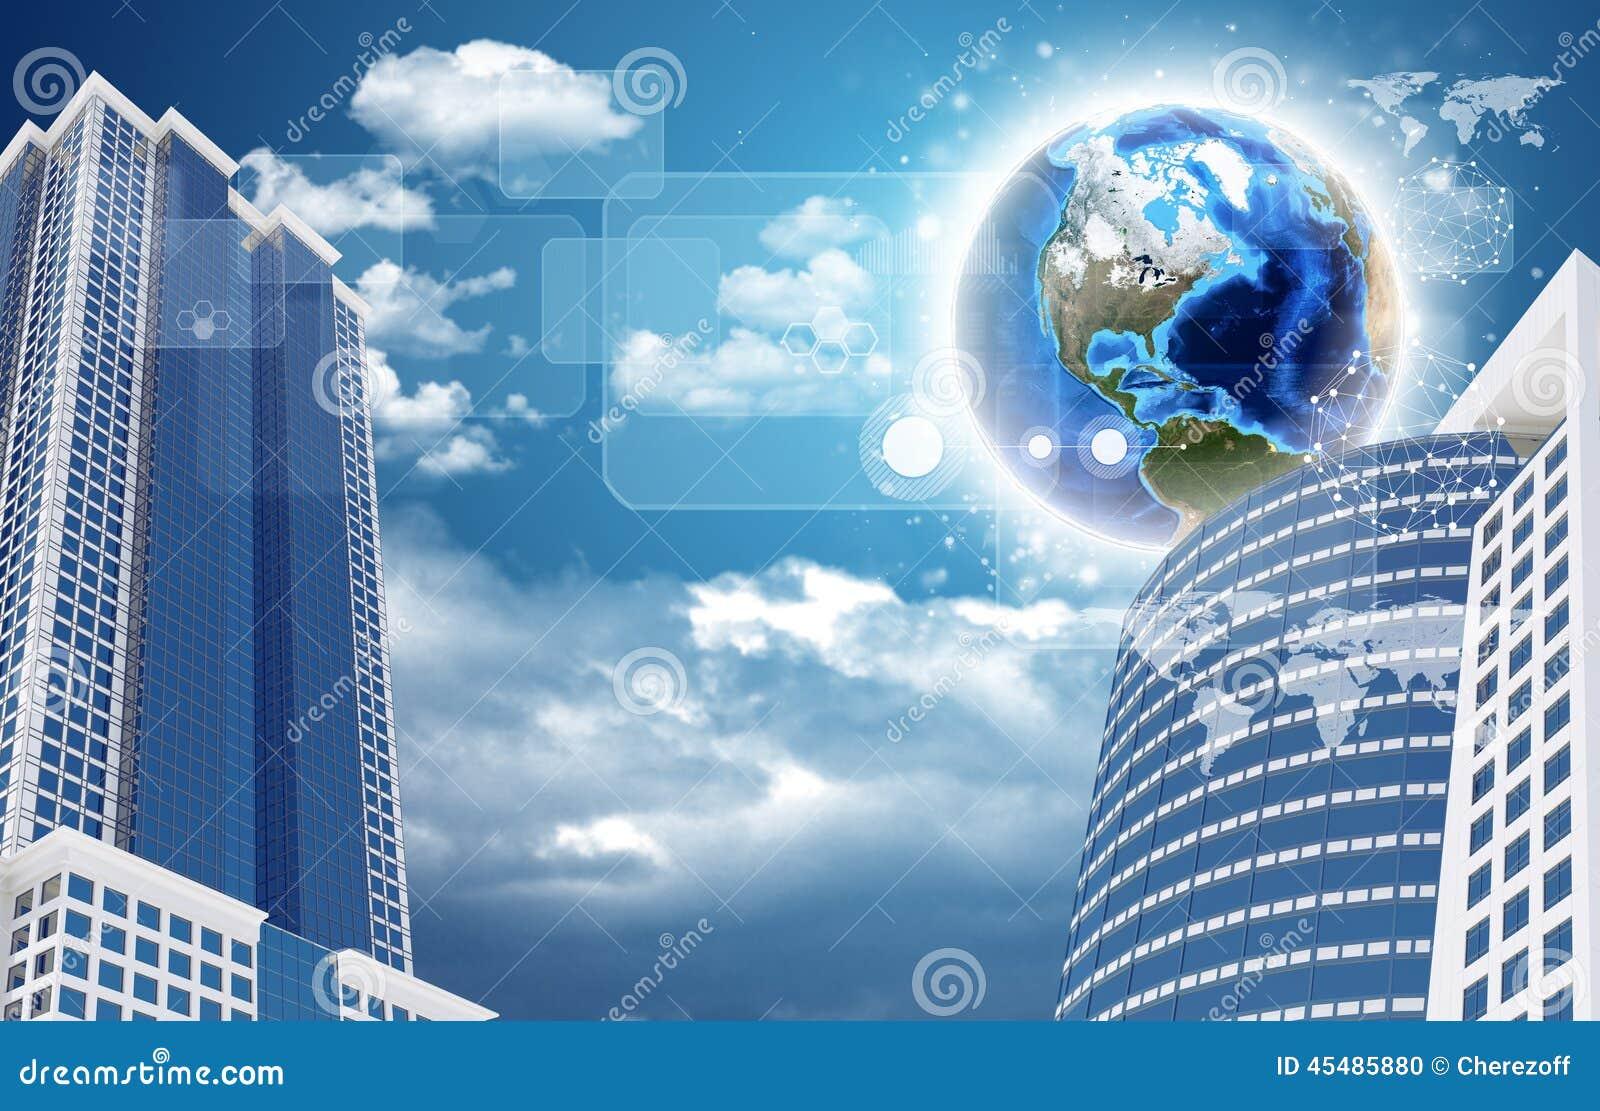 摩天大楼和地球与透明长方形